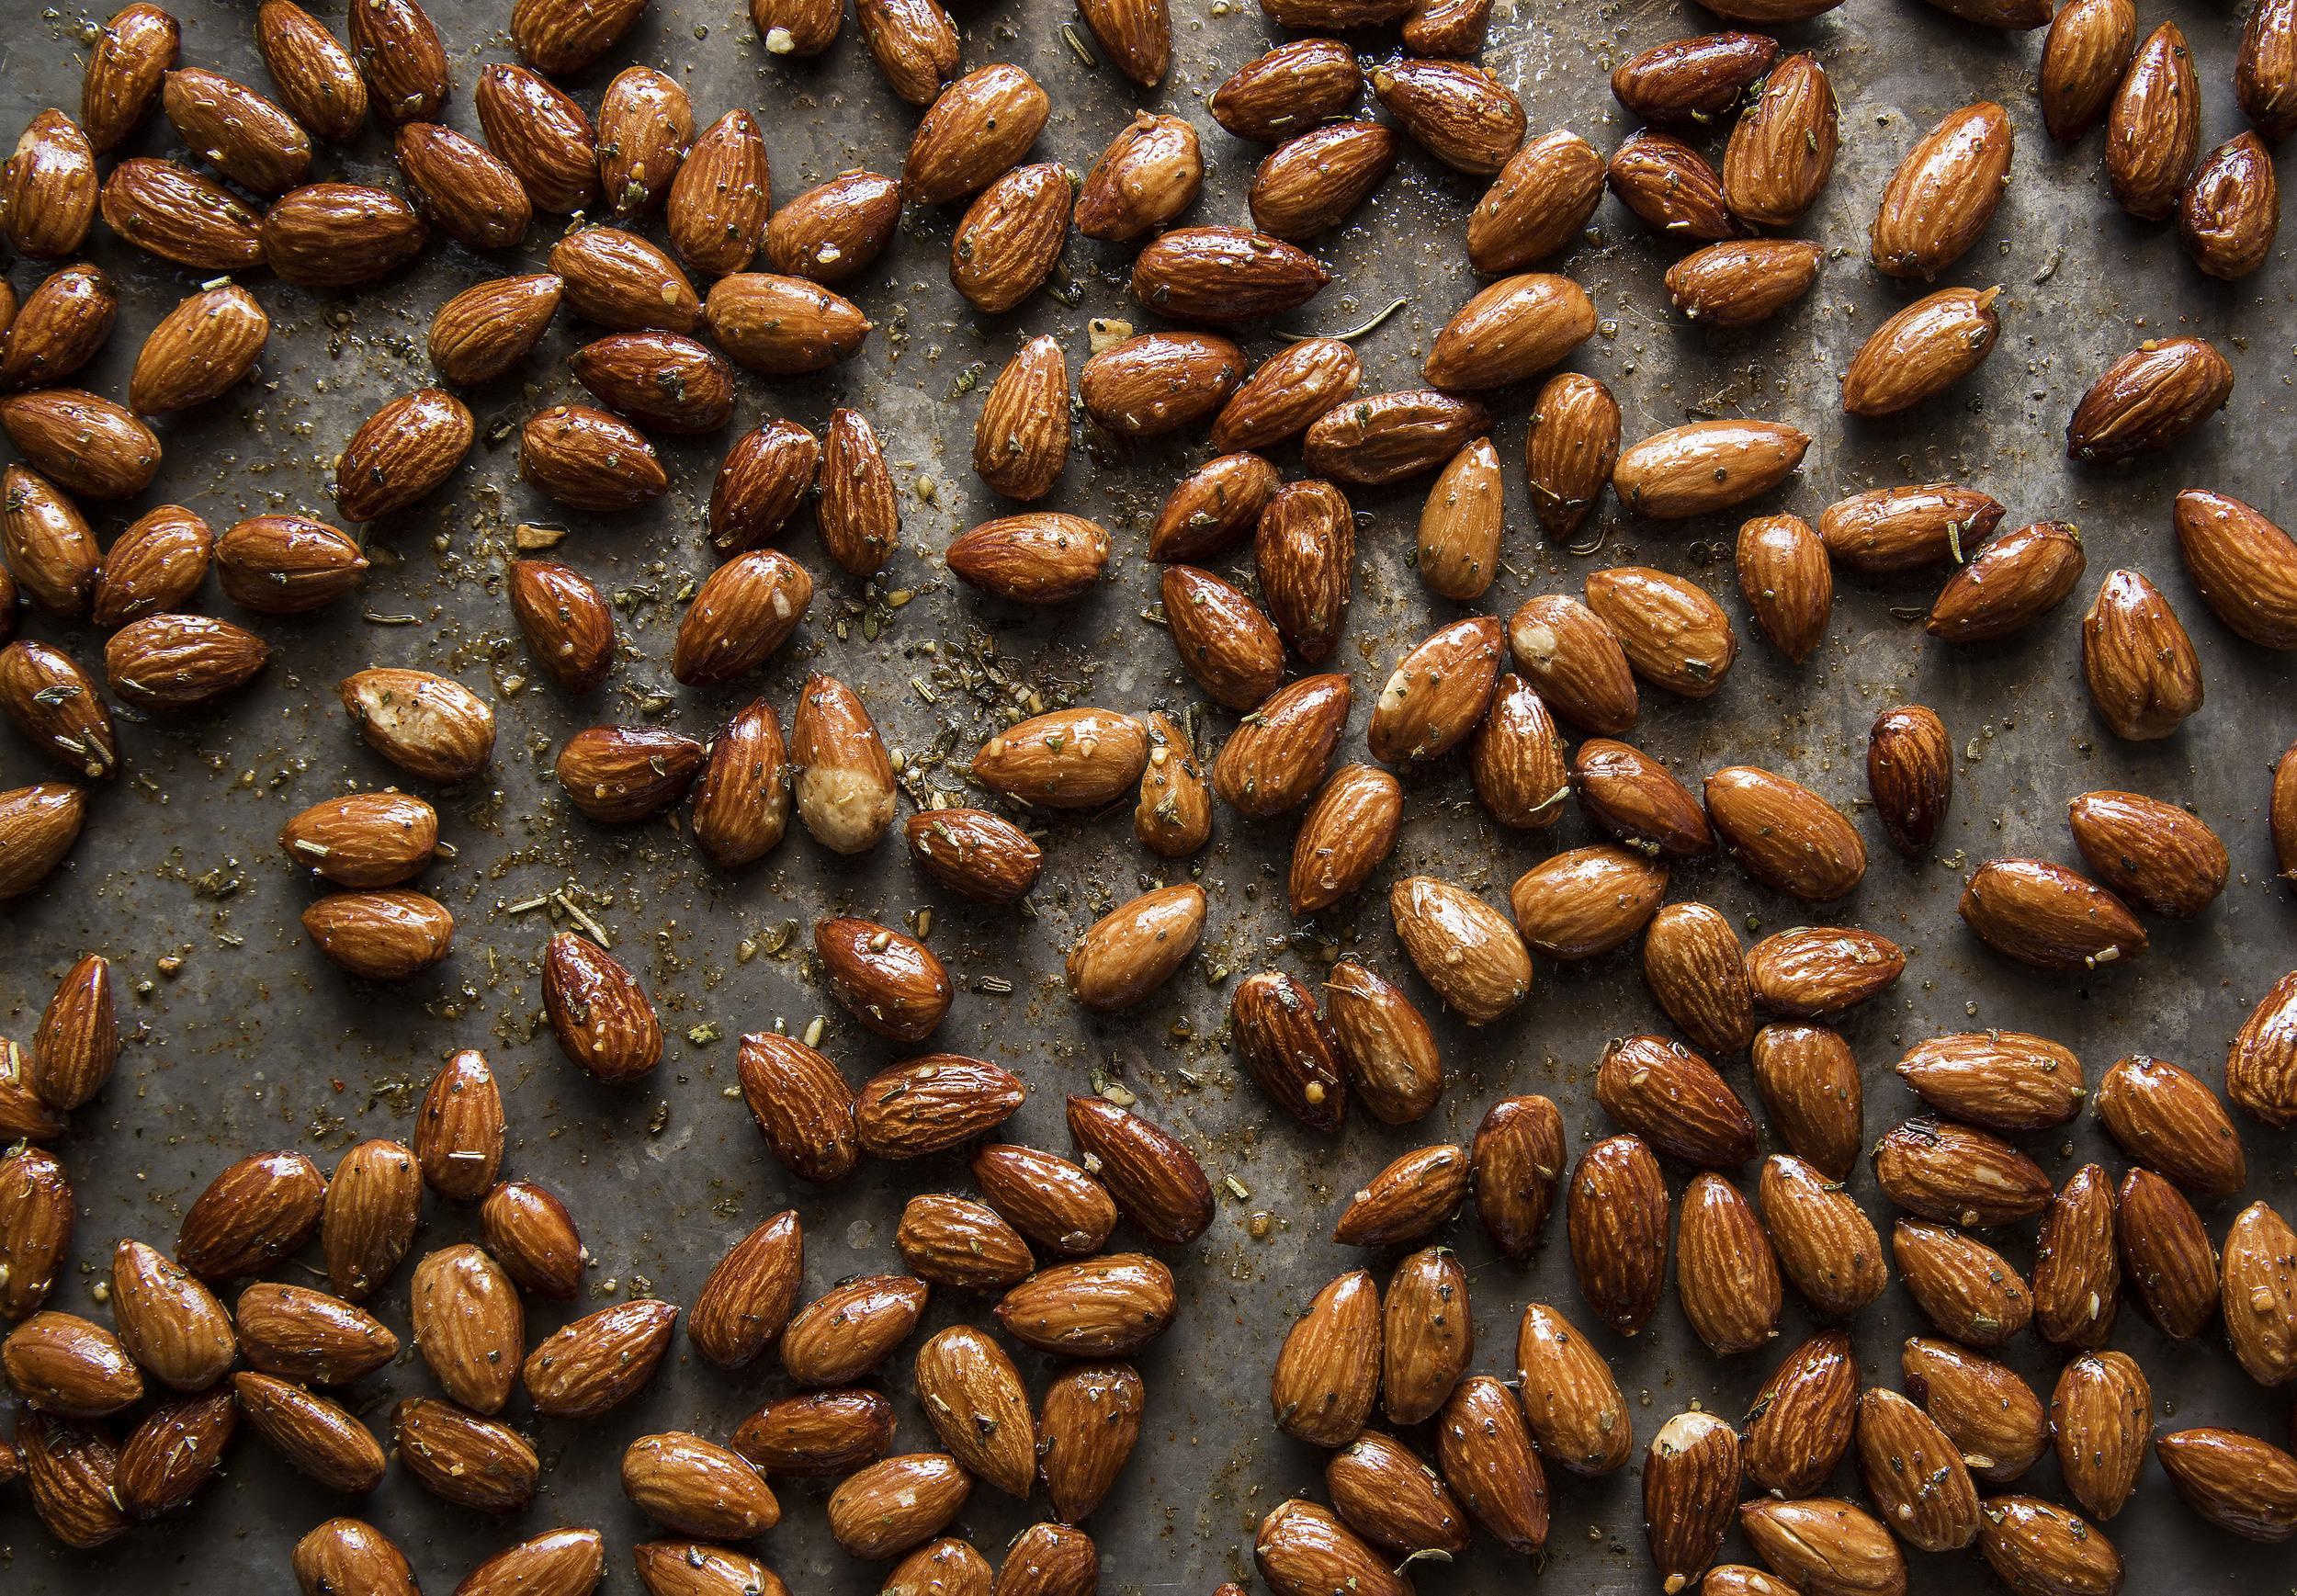 Almonds_gastro.jpg